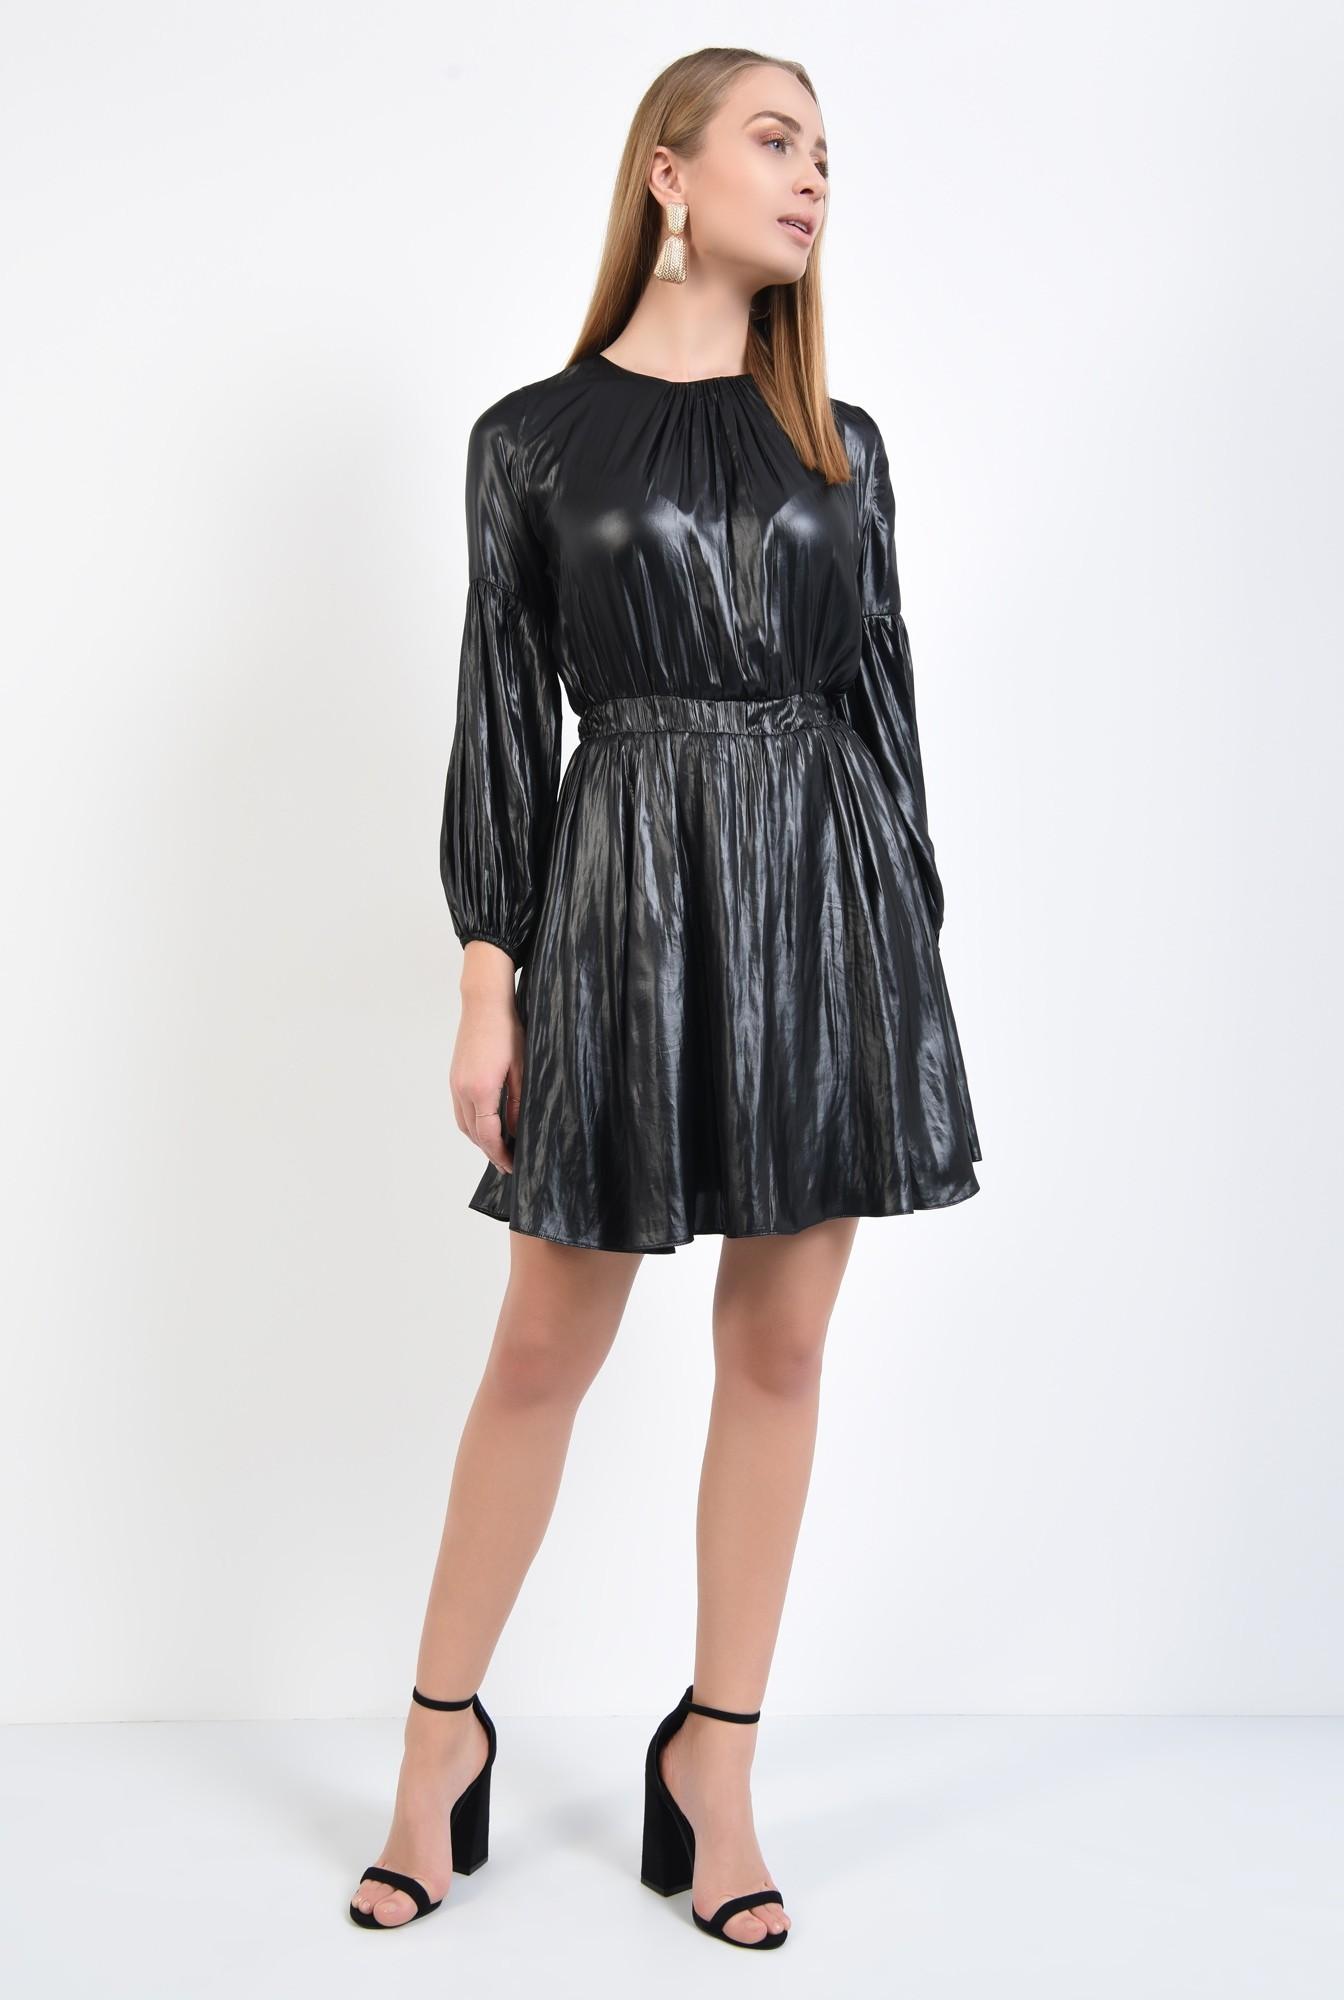 3 - rochie neagra, mini, casual, fronseuri la decolteu